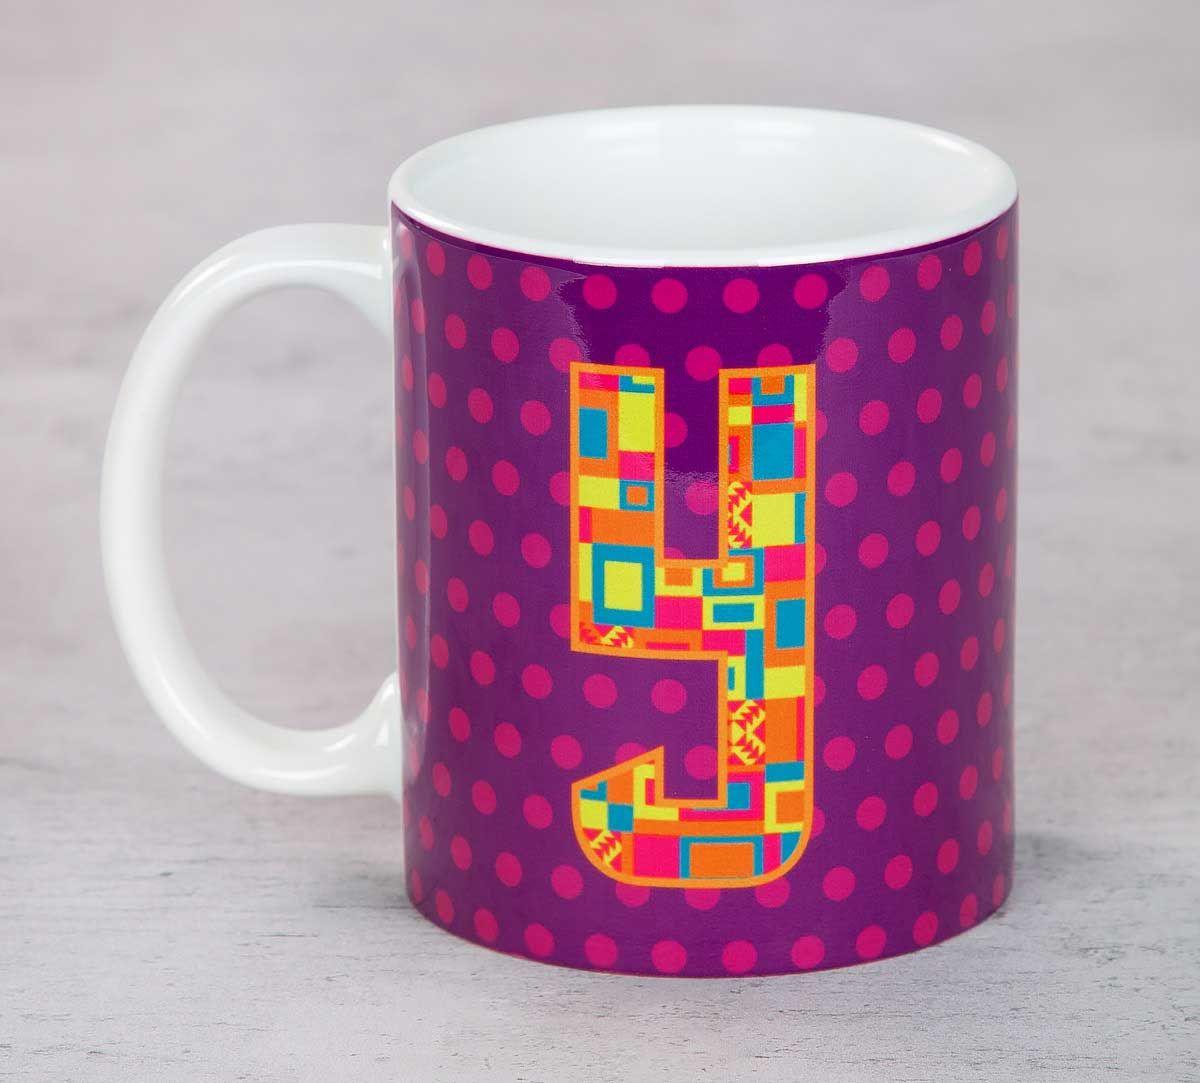 Dotted Youthful Coffee Mug